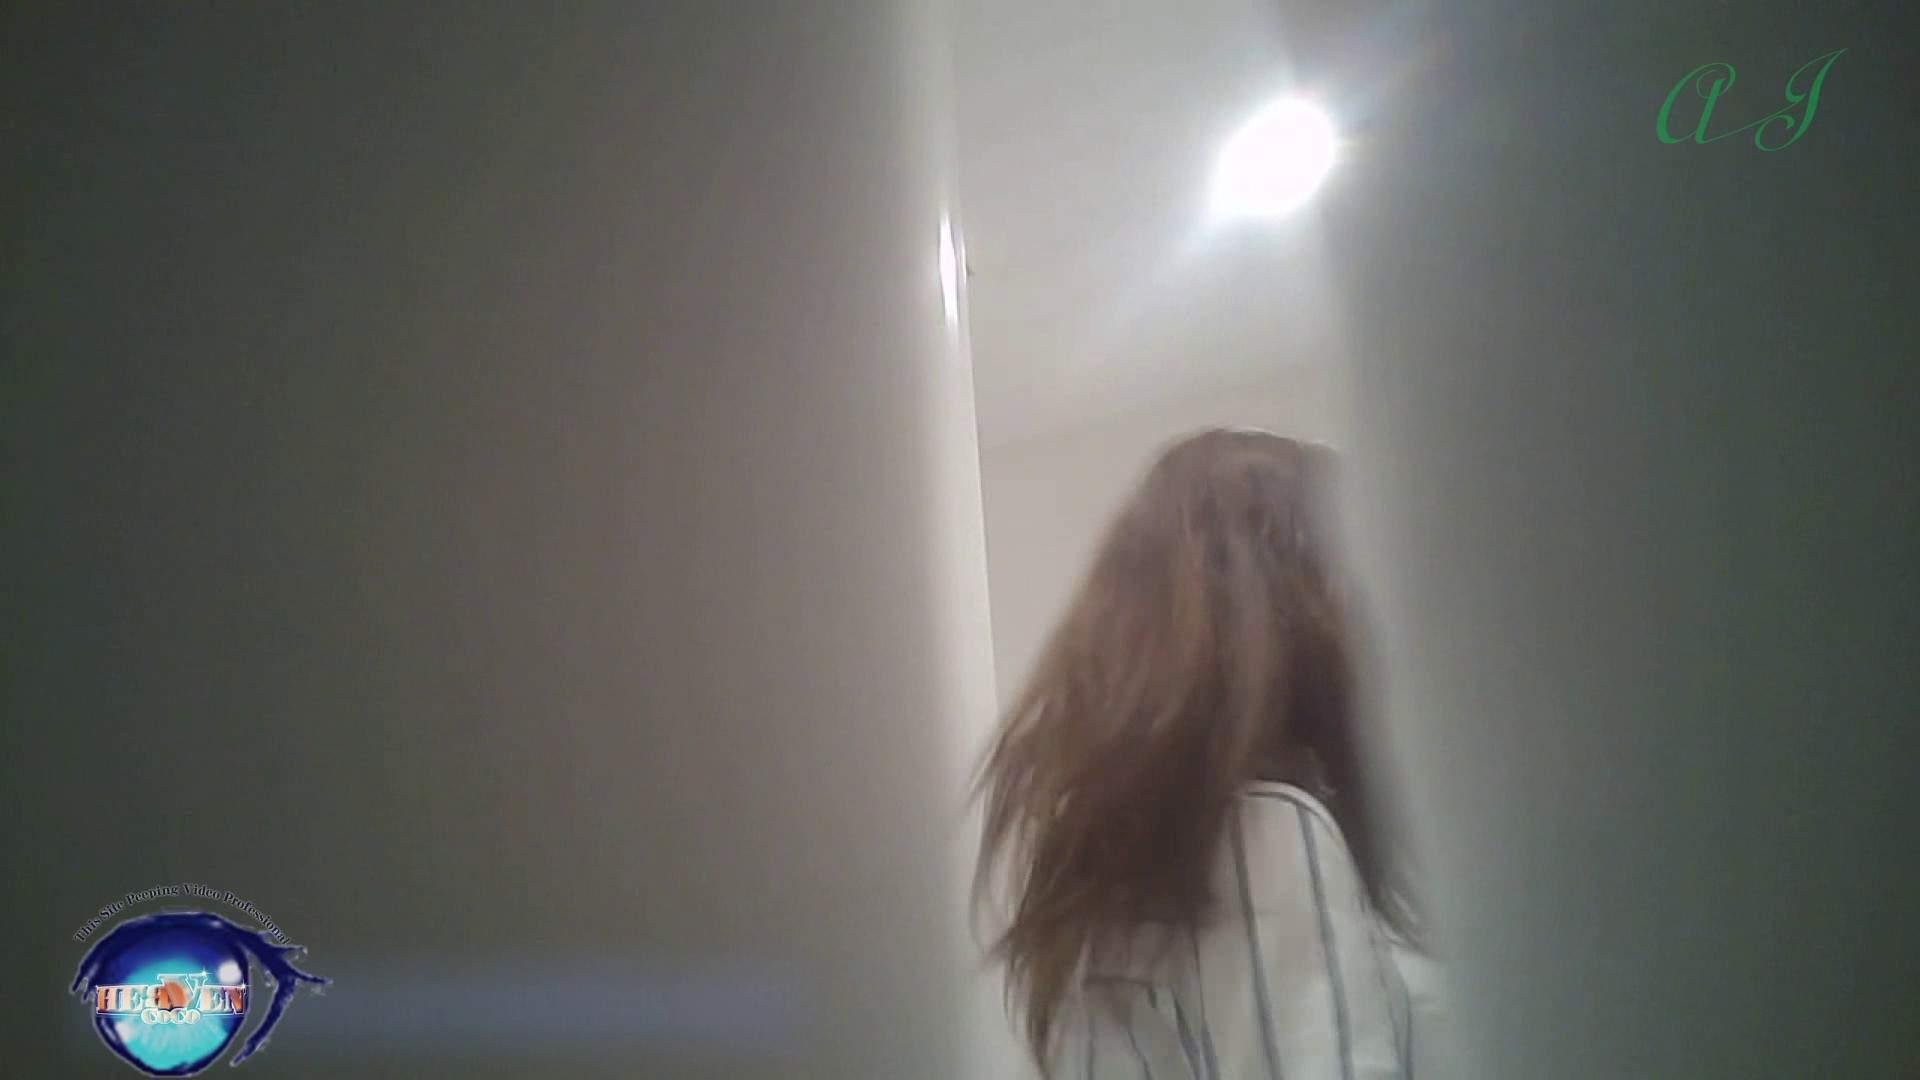 有名大学女性洗面所 vol.71 美女学生さんの潜入盗撮!前編 和式  91PICs 91